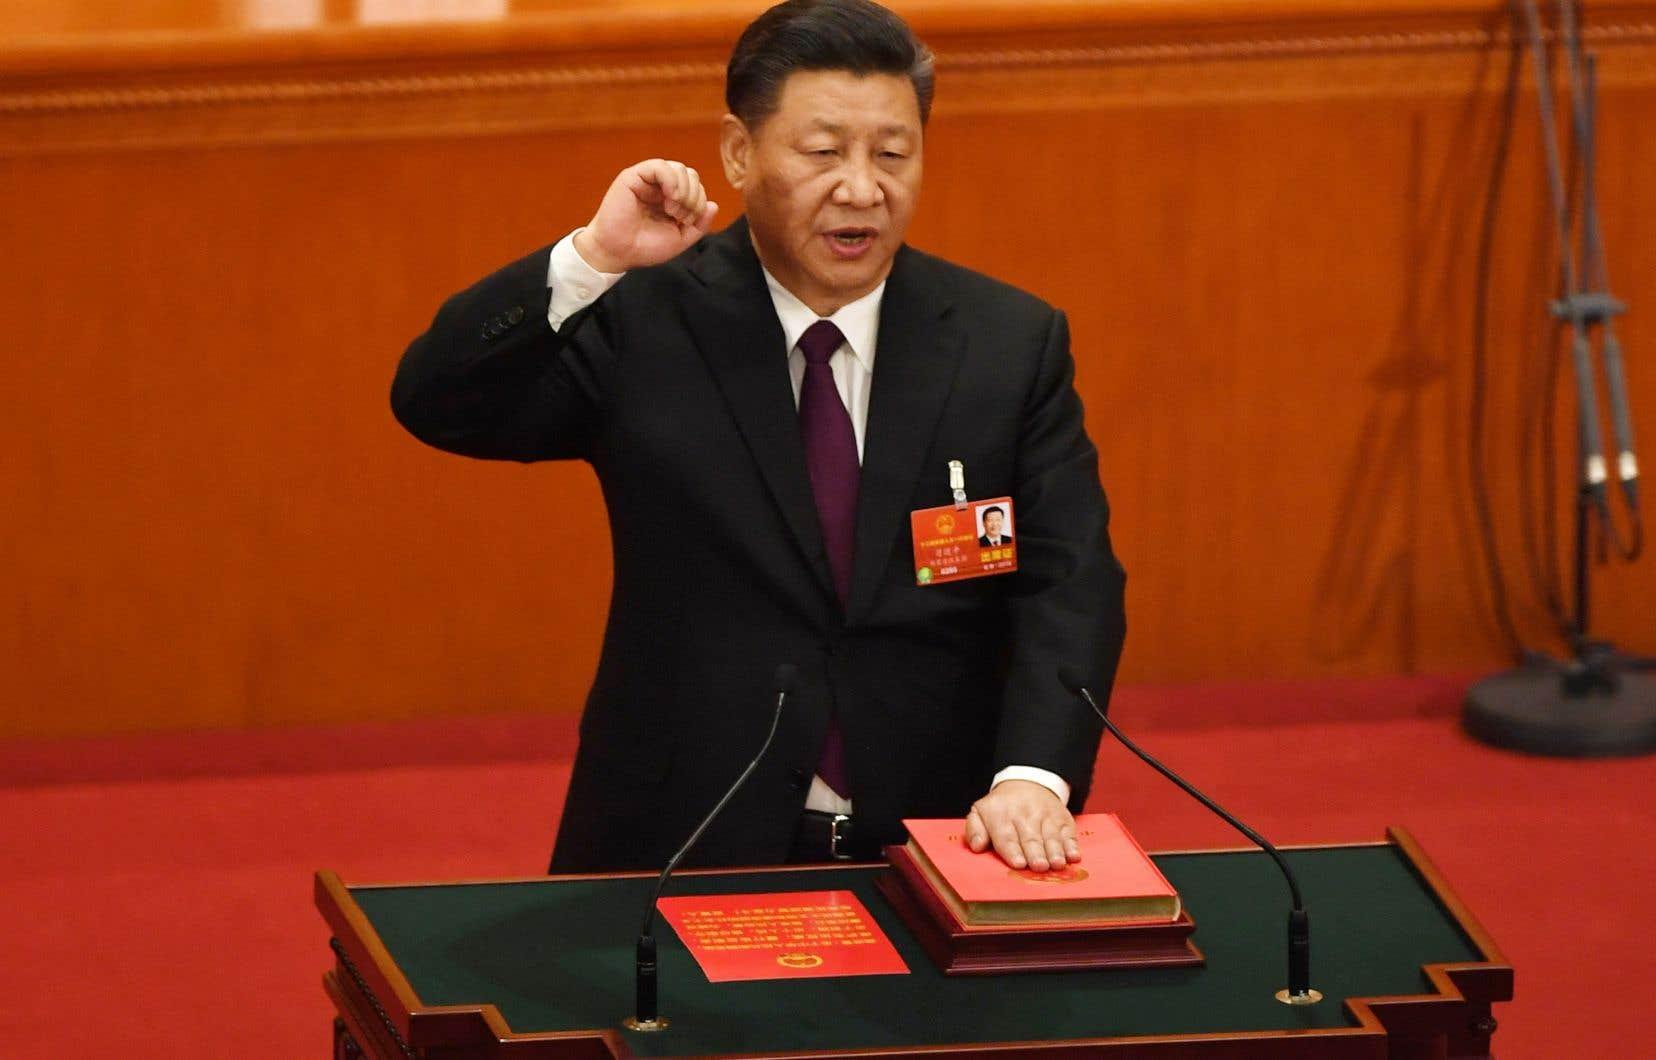 Le poing droit levé, Xi Jinping, 64ans, a juré de respecter la constitution lors d'une cérémonie inédite organisée dans le cadre grandiose du Palais du peuple à Pékin.